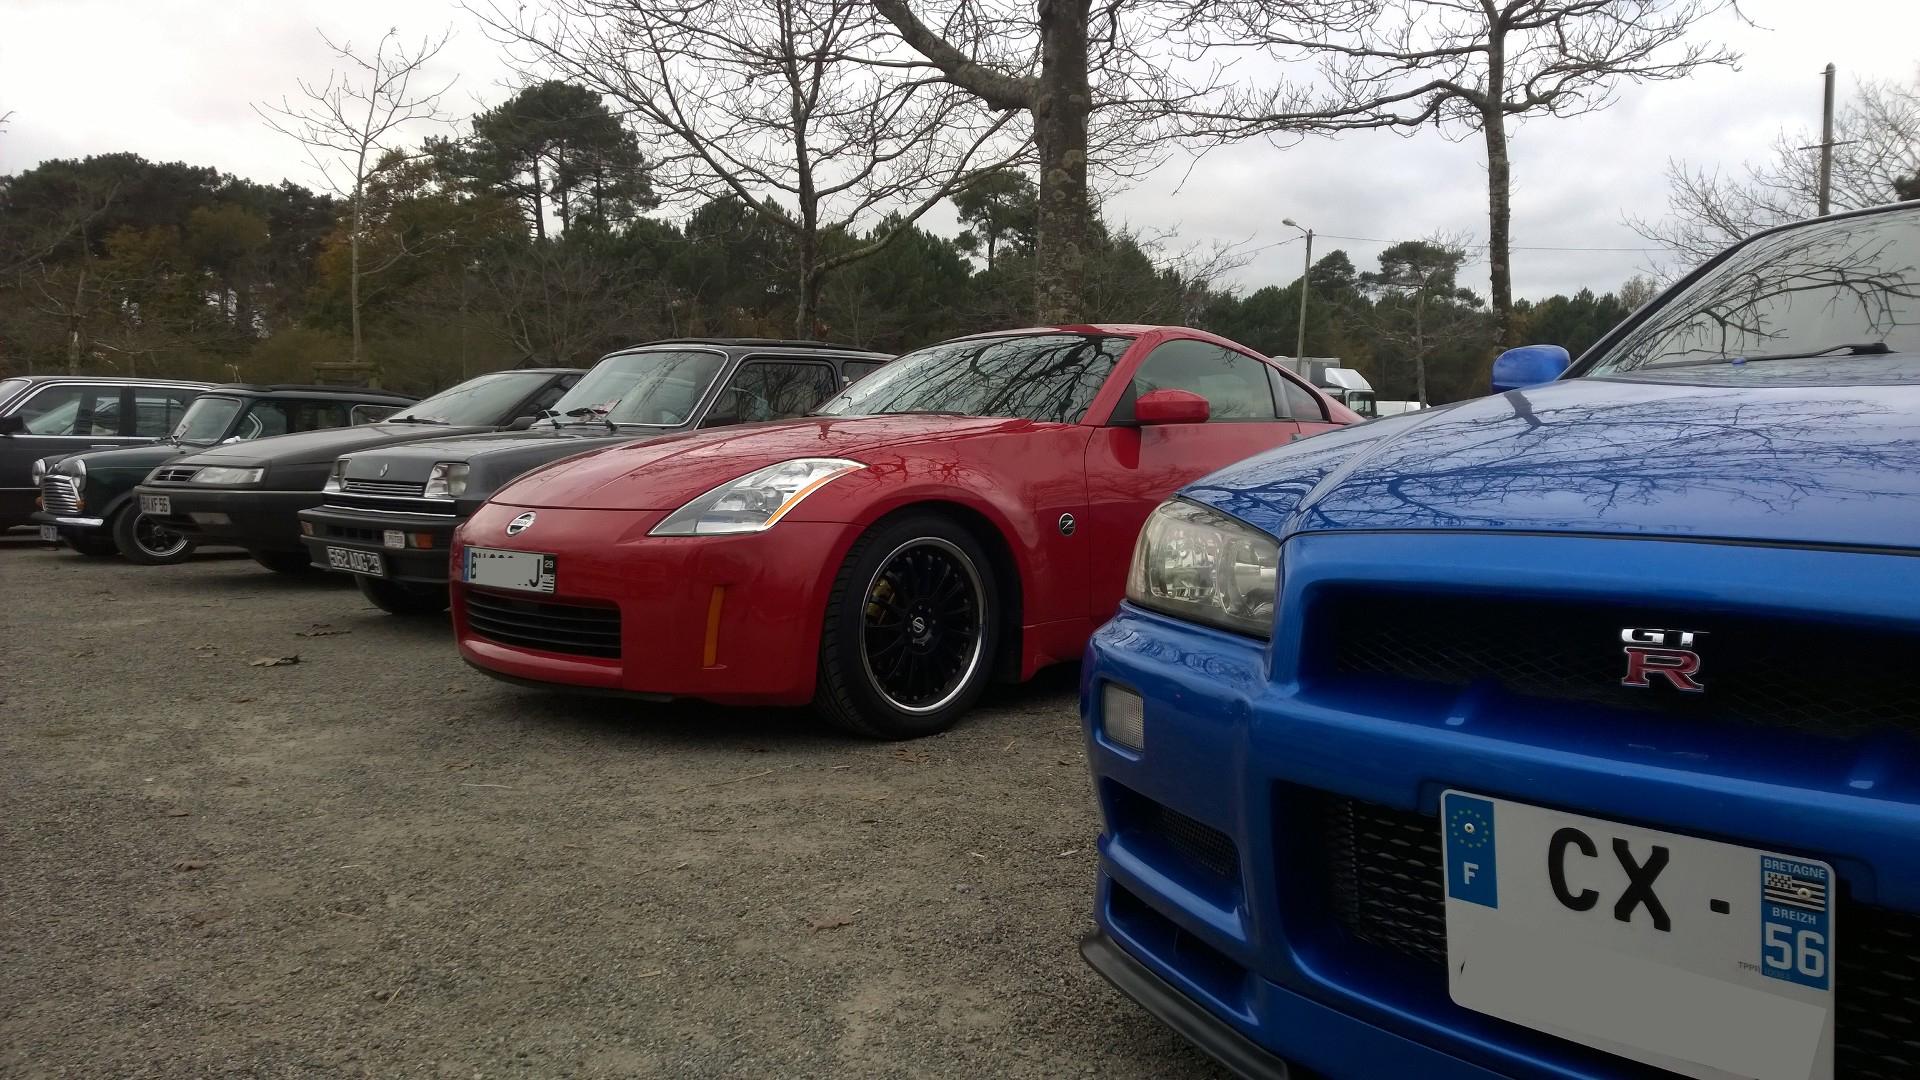 DM - photo - Nissan-GT-R V spec - Nissan Z - Ouest Motors Festival 2015 Lorient